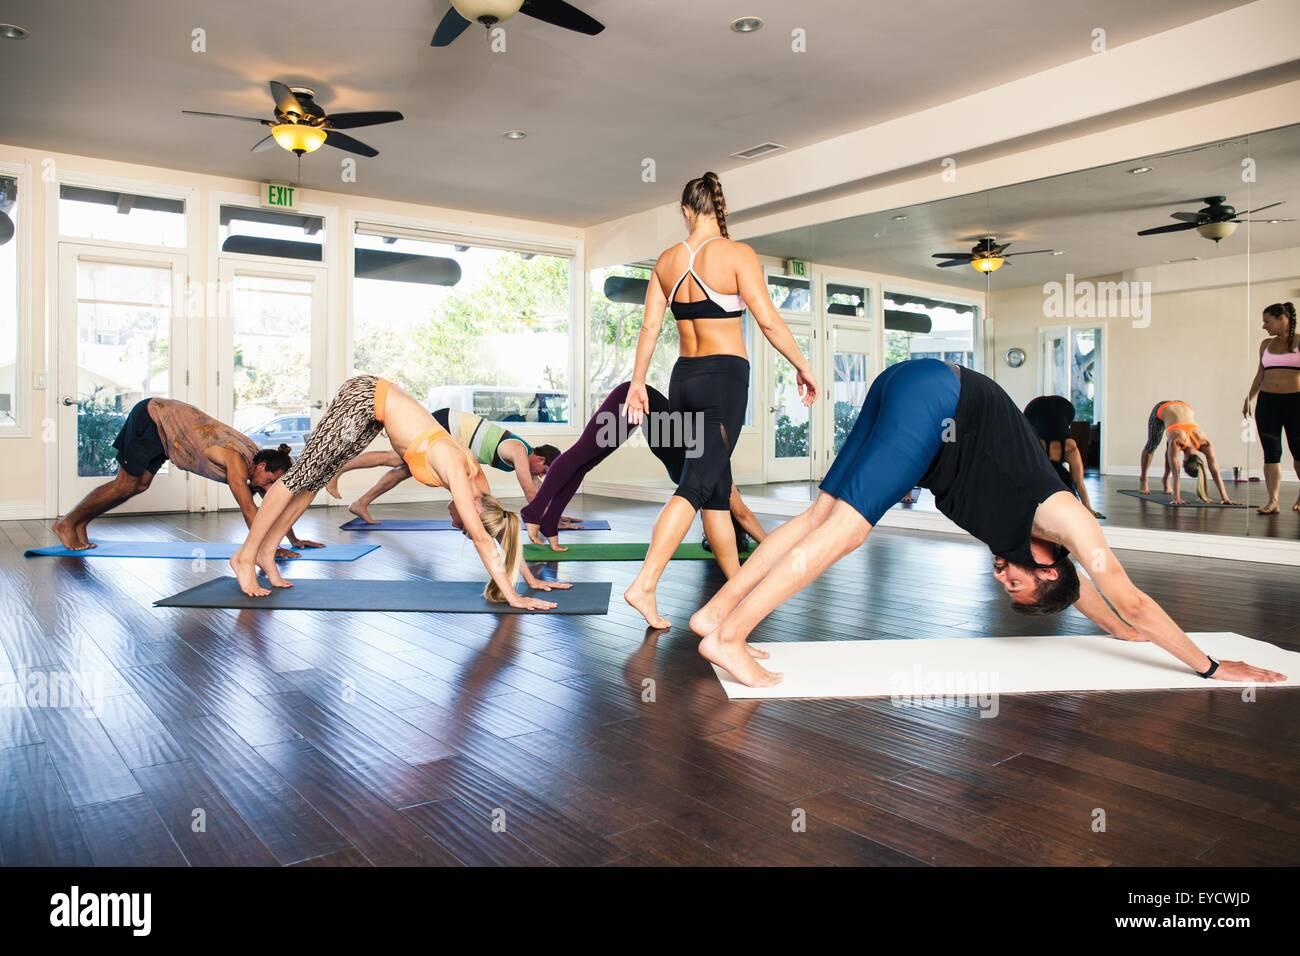 Istruttore Yoga in classe con le persone verso il basso nella posizione del cane Immagini Stock